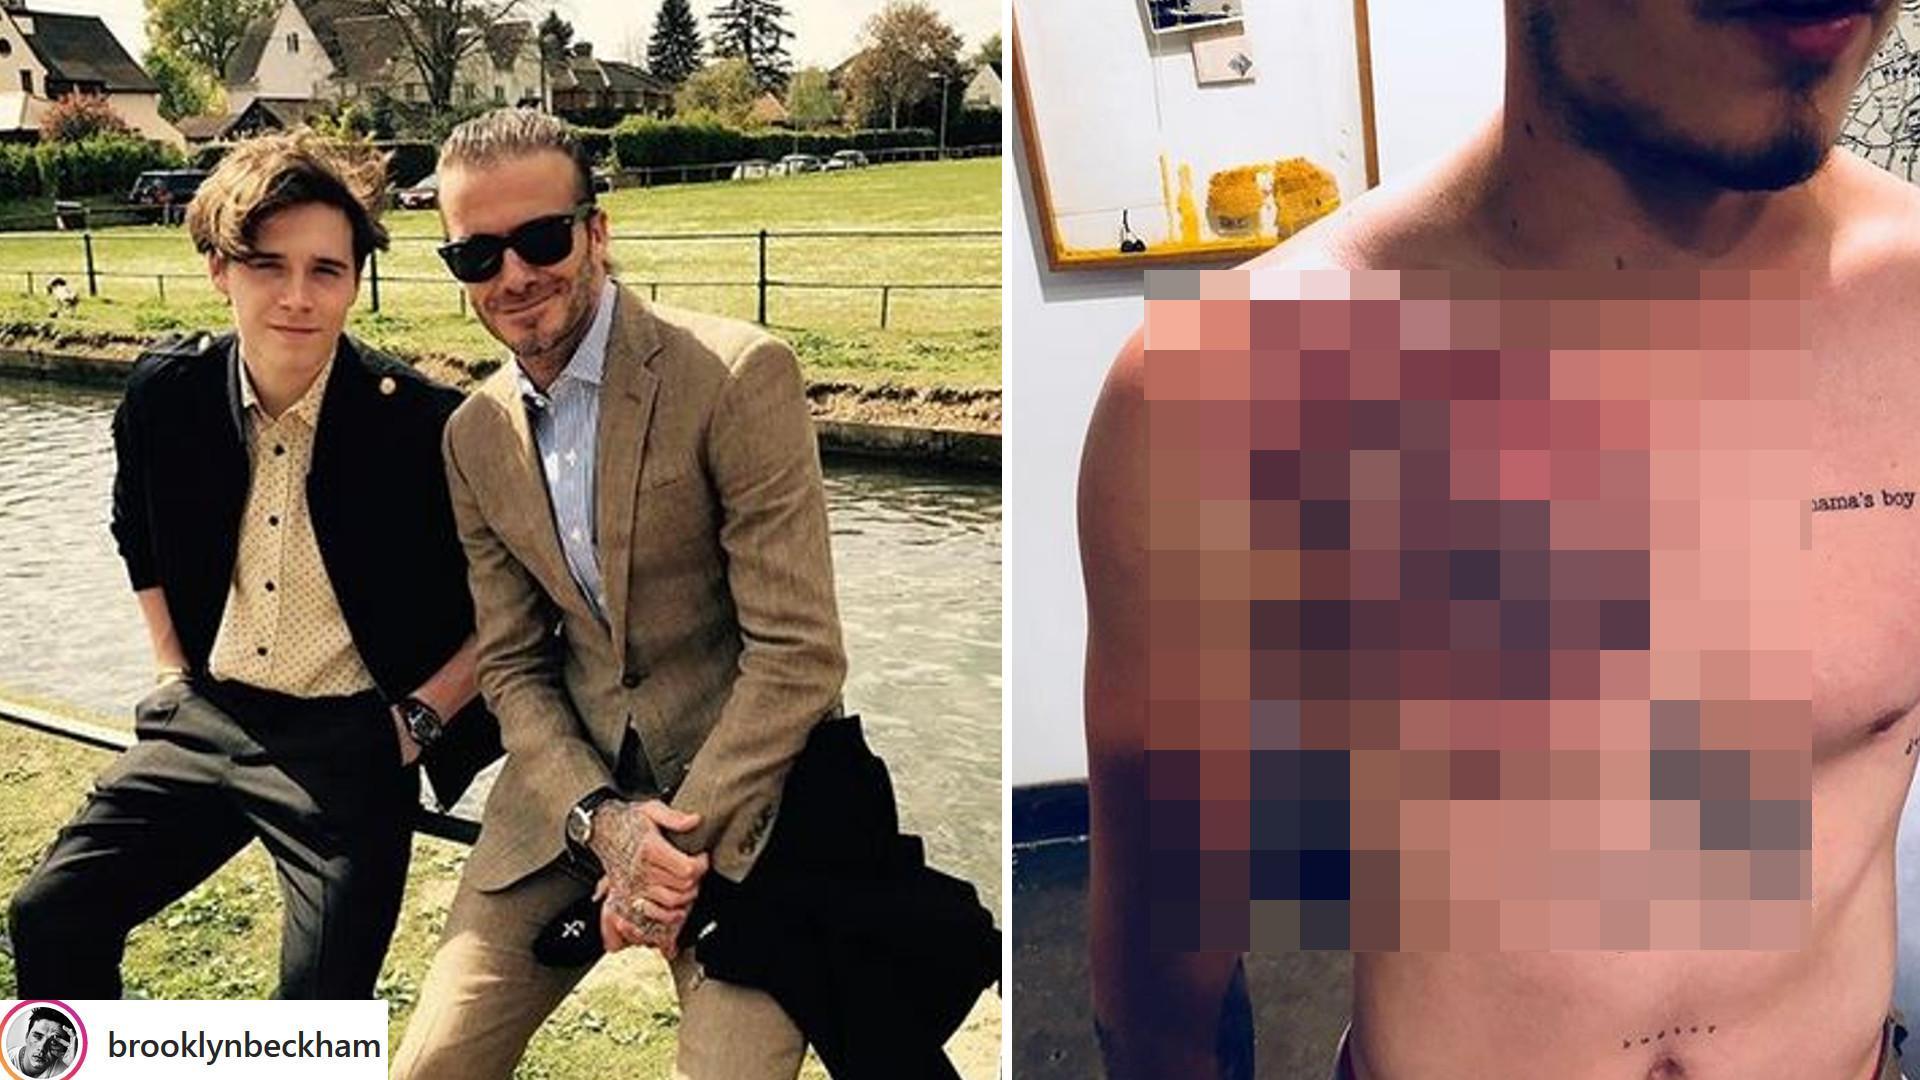 Brooklyn Beckham zrobił sobie OGROMNY tatuaż na klatce piersiowej